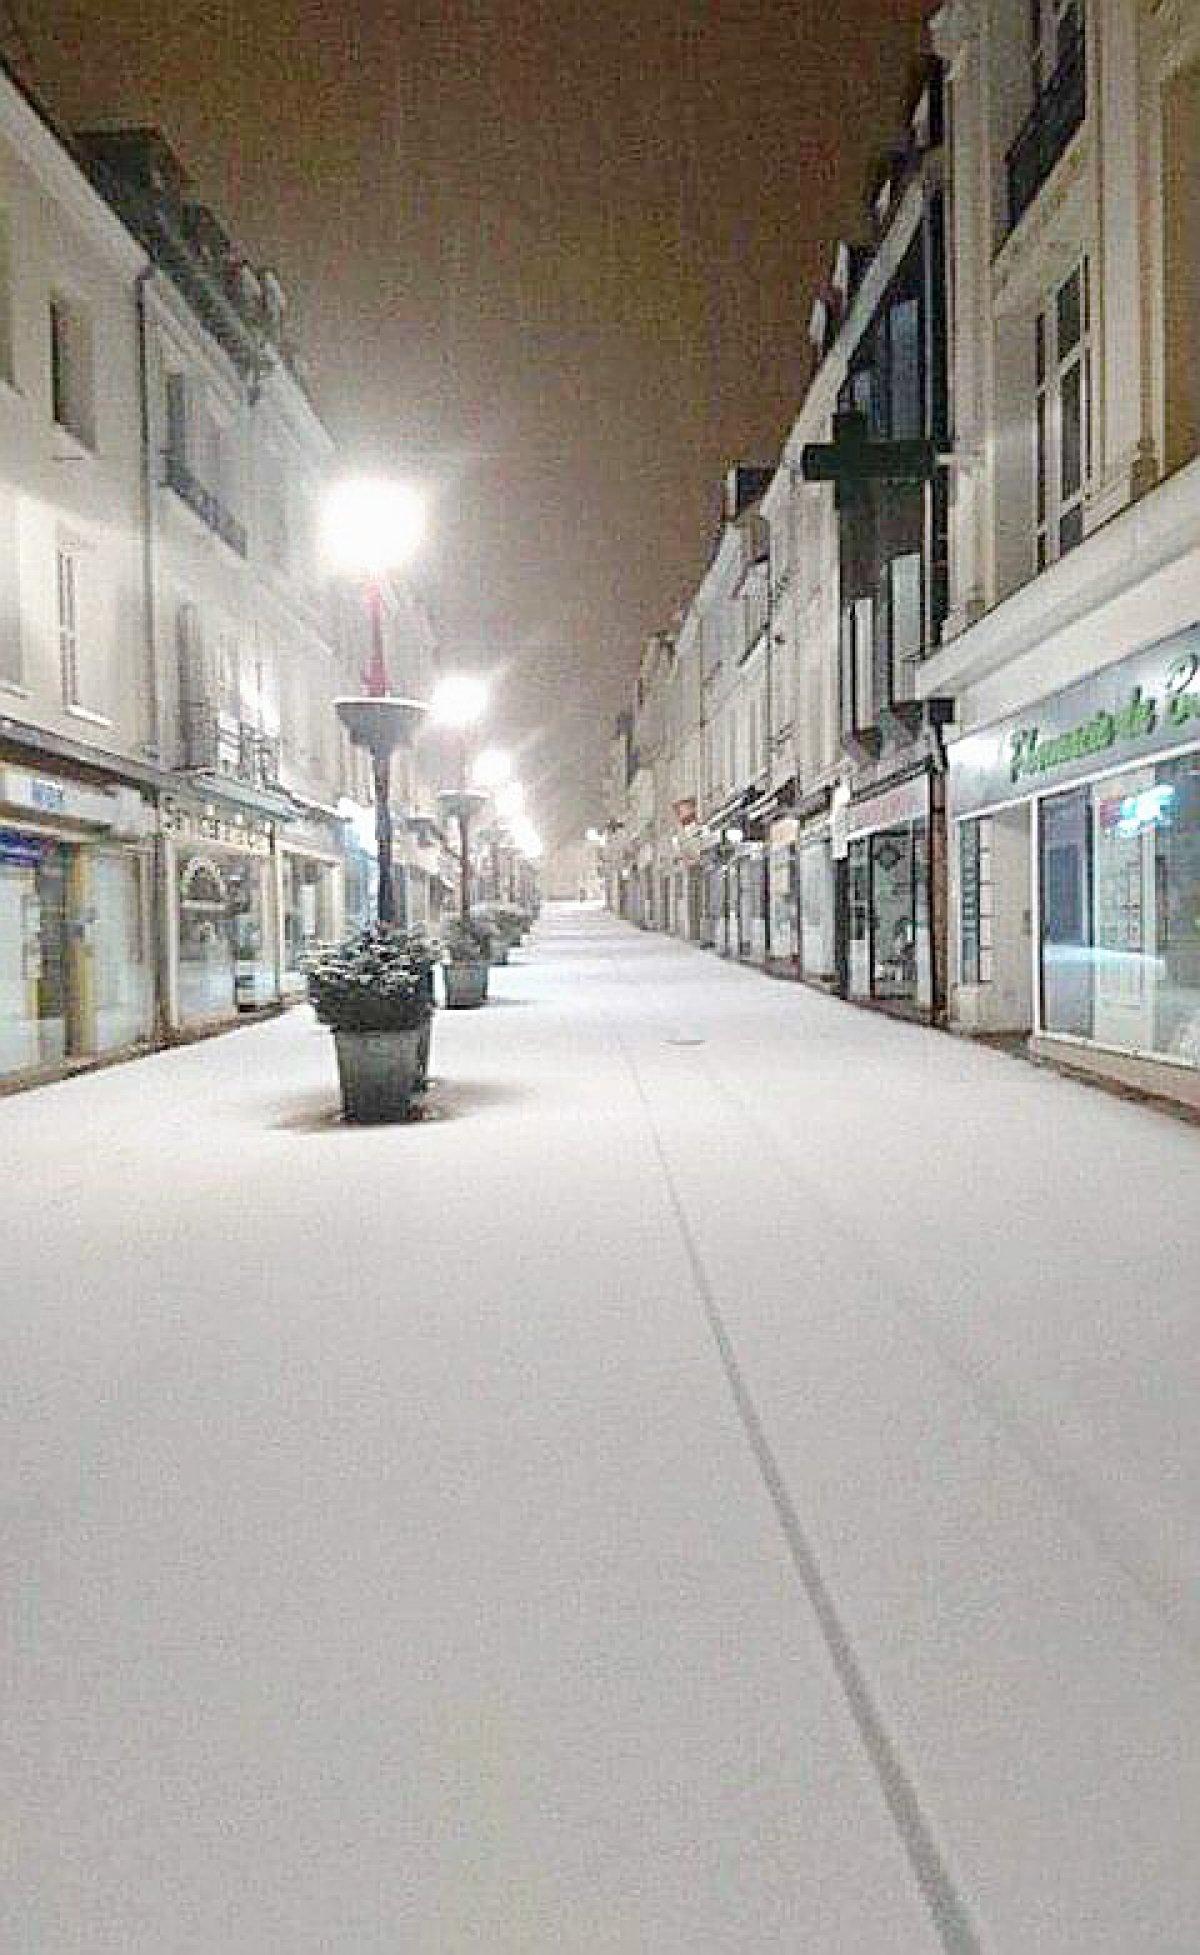 Societe Generale Bolbec se rapportant à neige : un phénomène localisé en seine-maritime [vos photos]